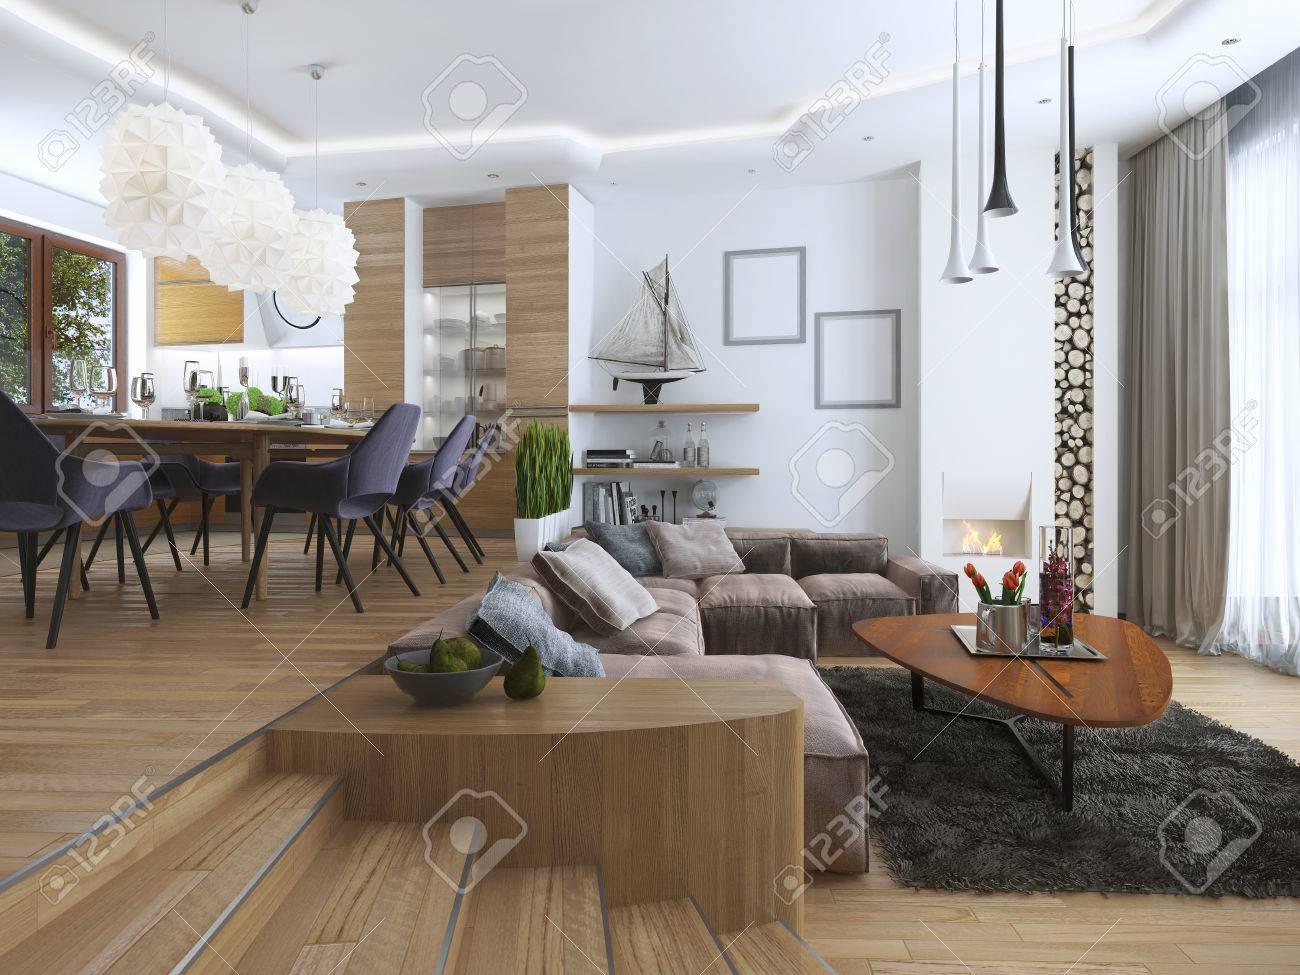 Perfekt Standard Bild   Studio Wohnung Mit Wohnzimmer Und Esszimmer In Einem Modernen  Stil. Großes Sofa Mit Designer Kaffee Niedrigen Tisch Und Dekoration Auf  Den ...